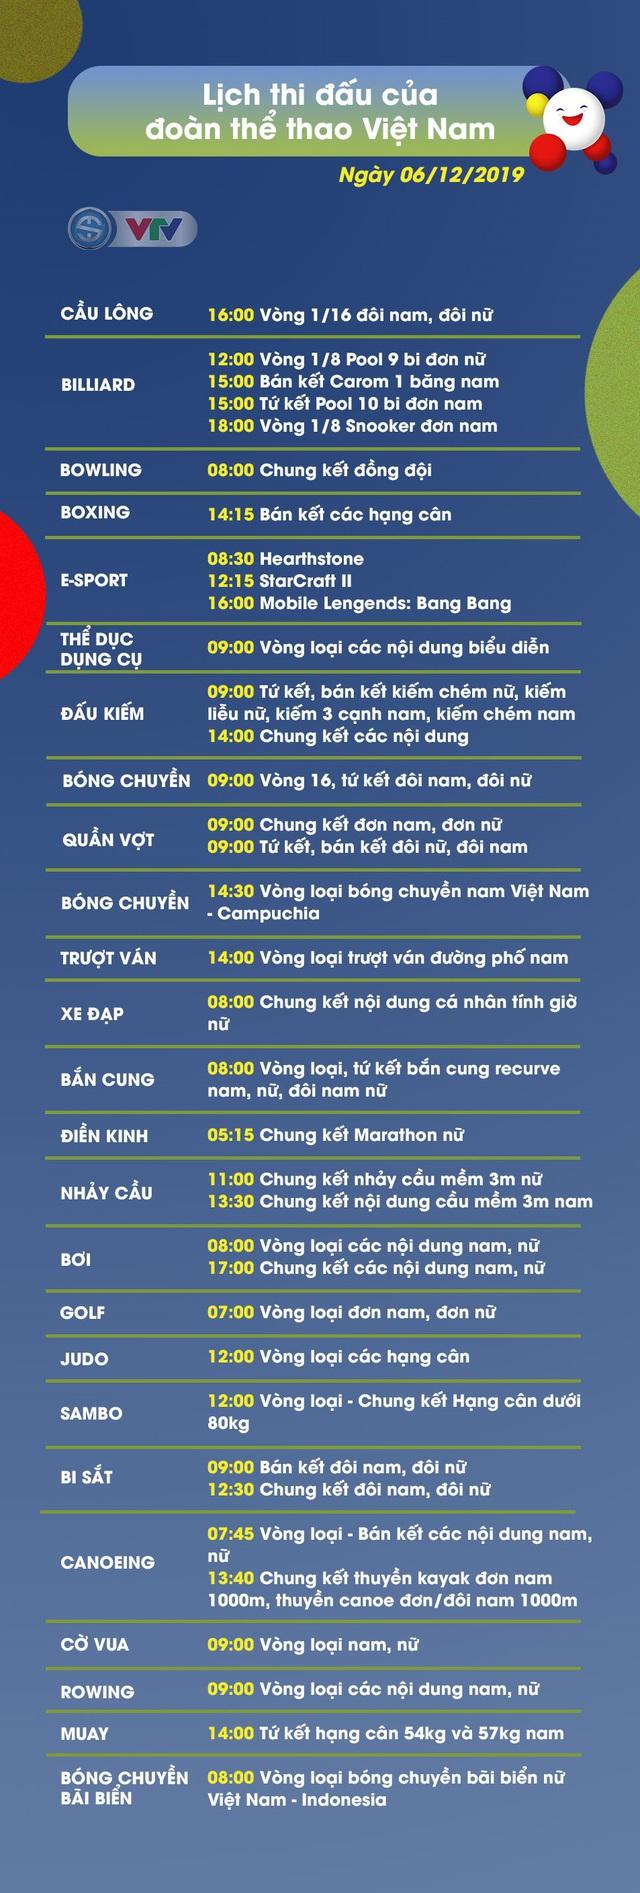 Lịch thi đấu ngày 06/12 của Đoàn Thể thao Việt Nam tại SEA Games 30 - Ảnh 1.